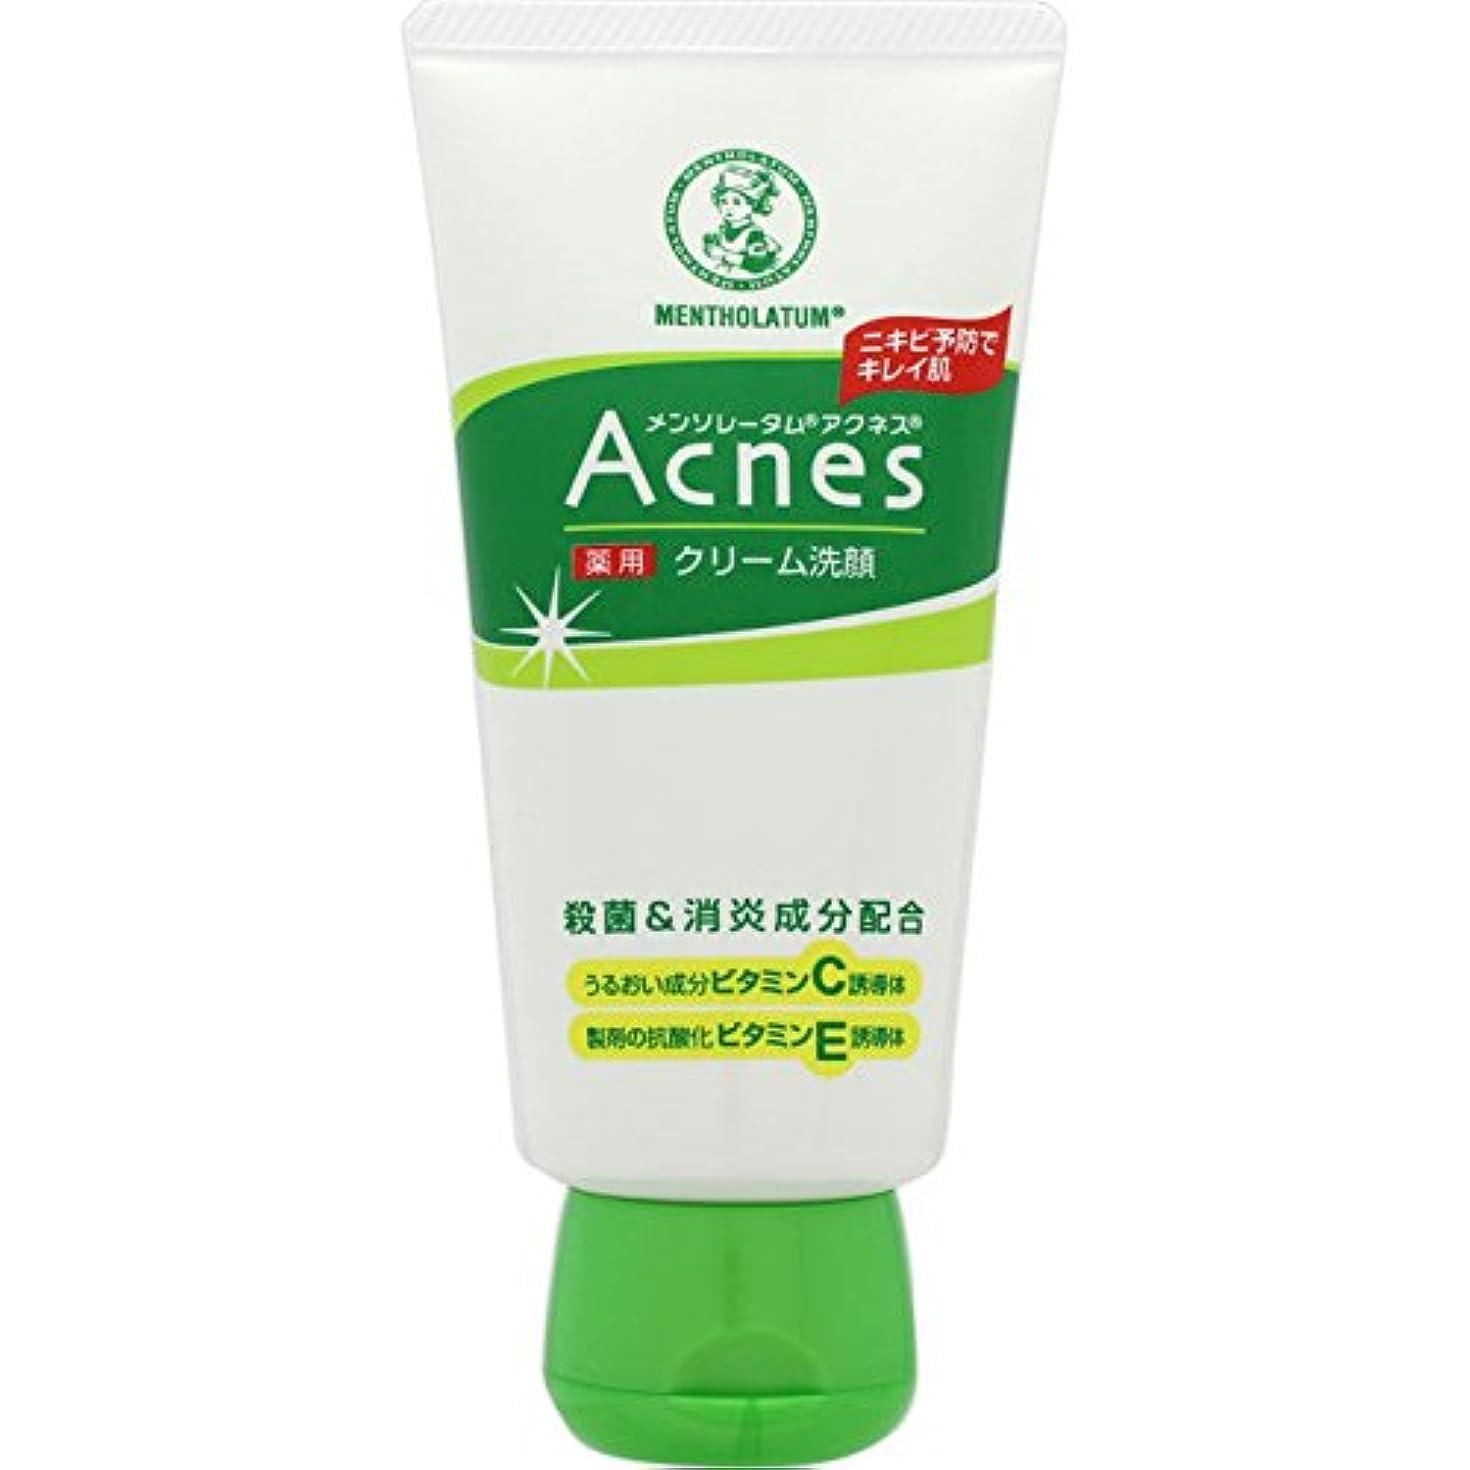 乱用ピクニックをする構造的【医薬部外品】メンソレータム アクネス ニキビ予防薬用クリーム洗顔 130g